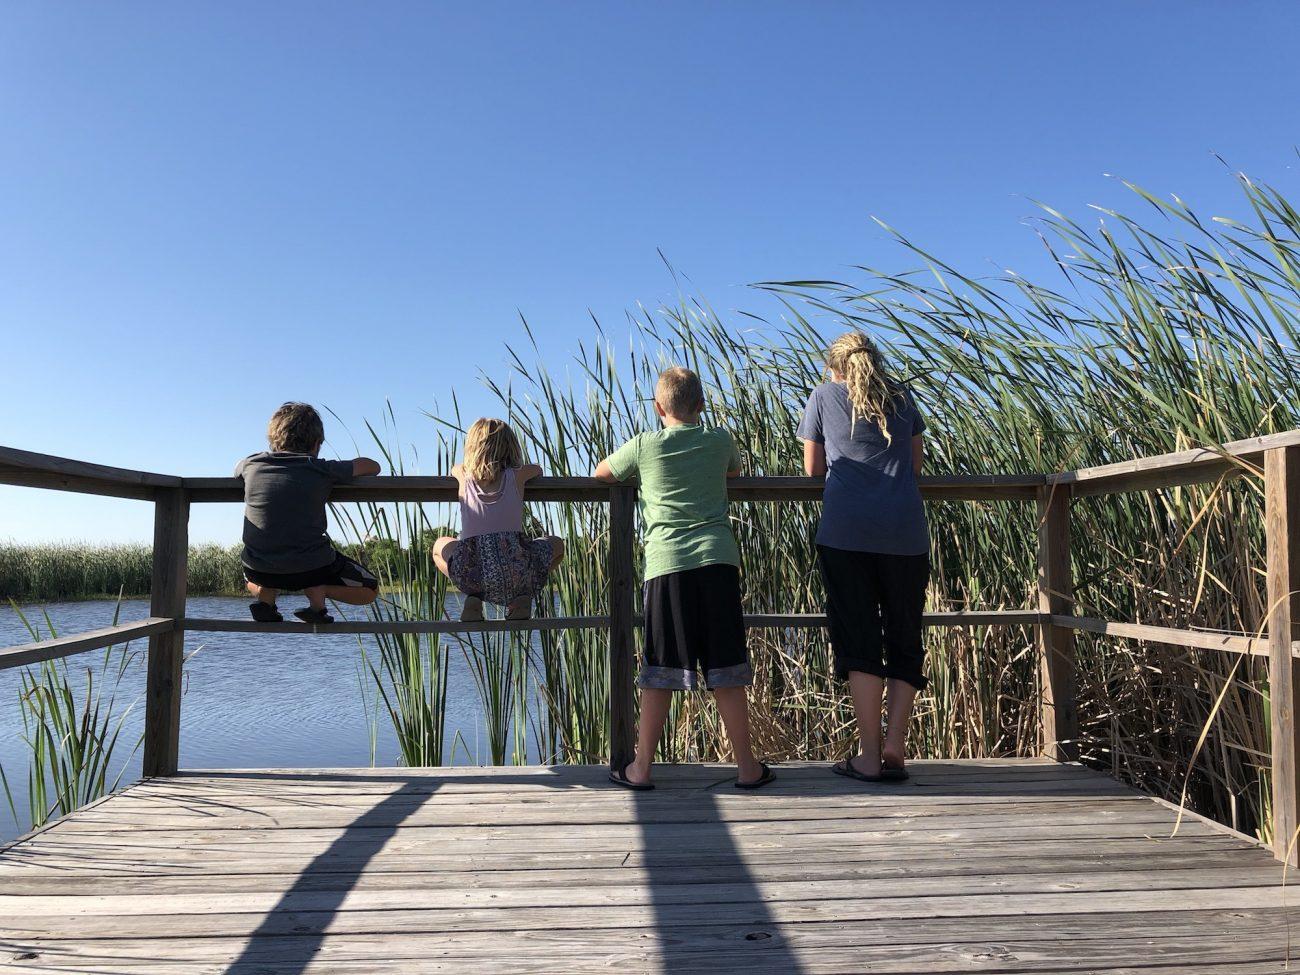 Kids overlooking pond